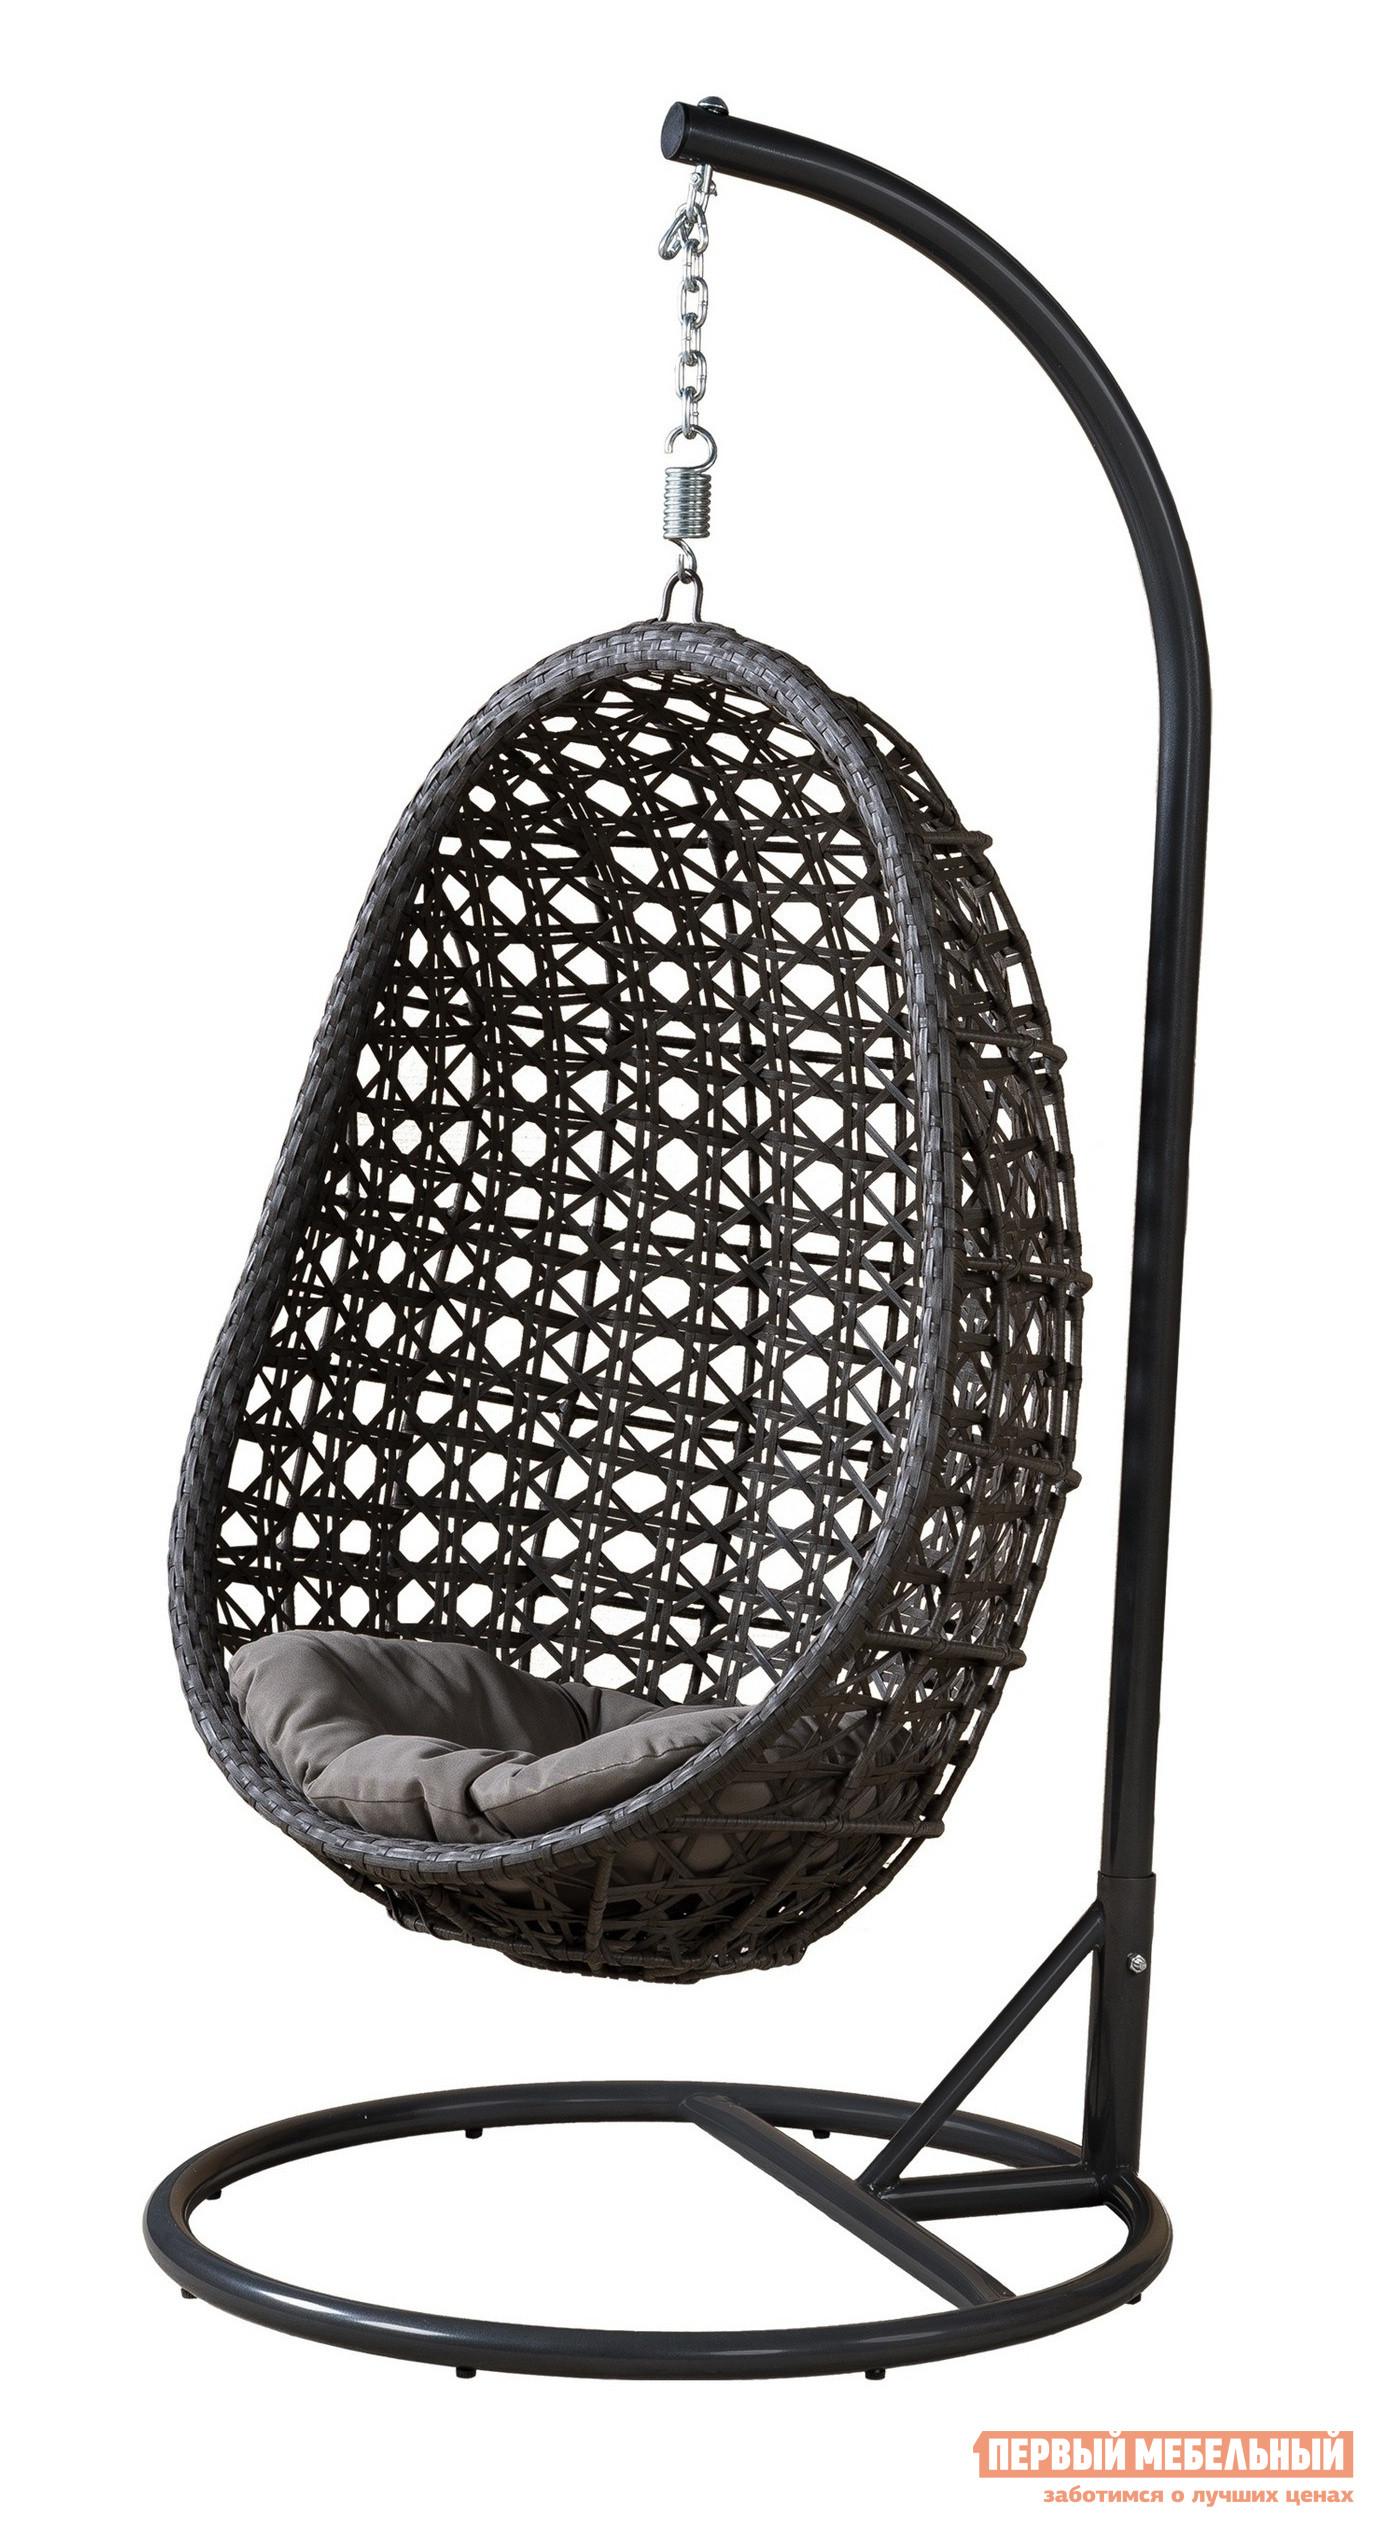 Подвесное кресло Кватросис Флоренция skyline подвесное кресло